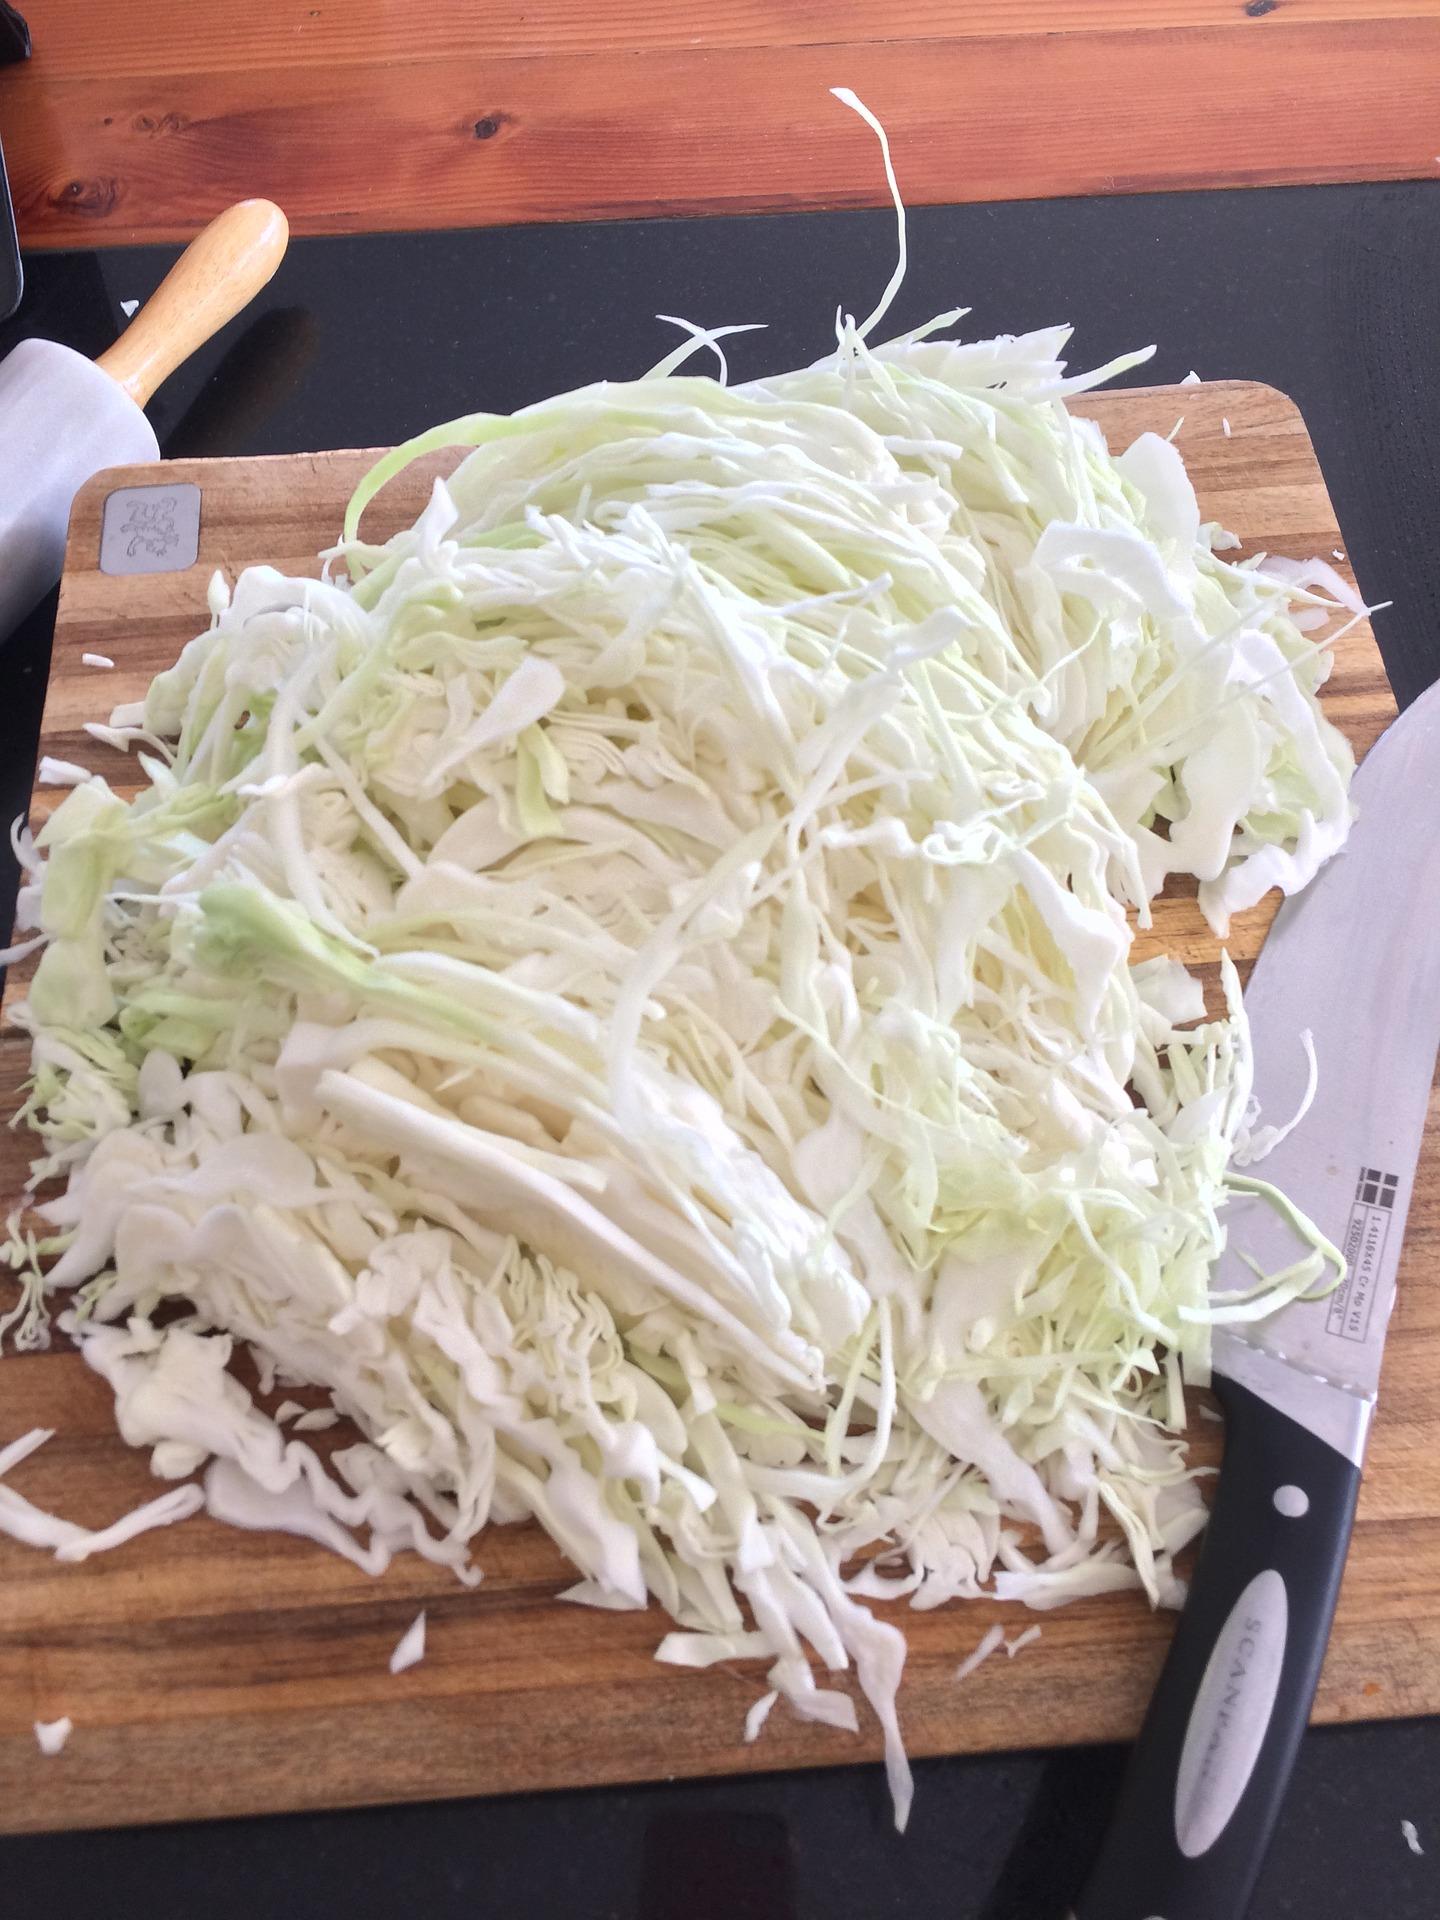 Saures Gemüse aus eigener Herstellung: Was lange gärt wird endlich gut!